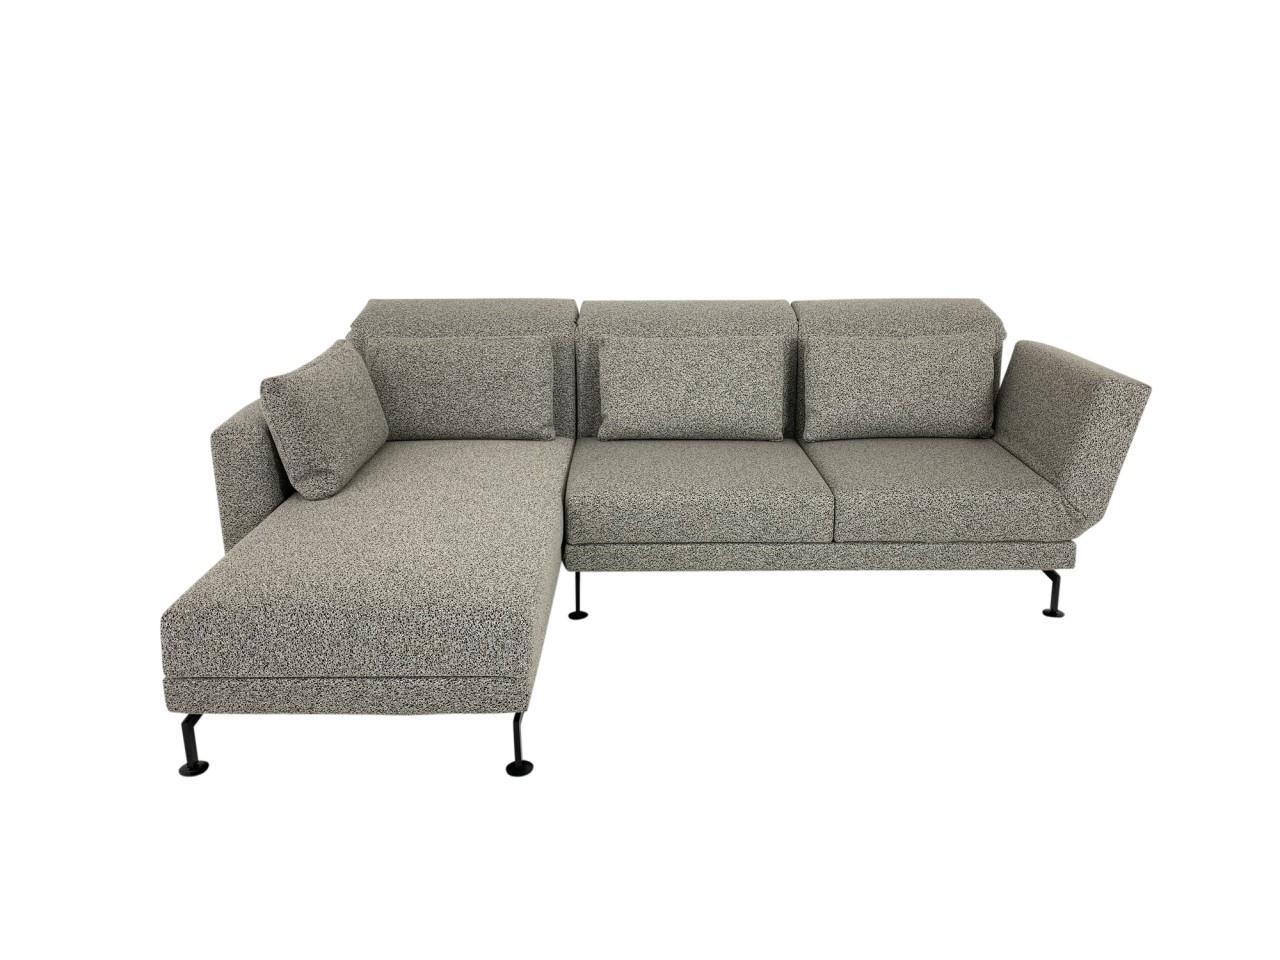 Brühl MOULE MEDIUM Sofa mit Recamiere links im edlen Boucle Stoff beige schwarz mit Kufen schwarz